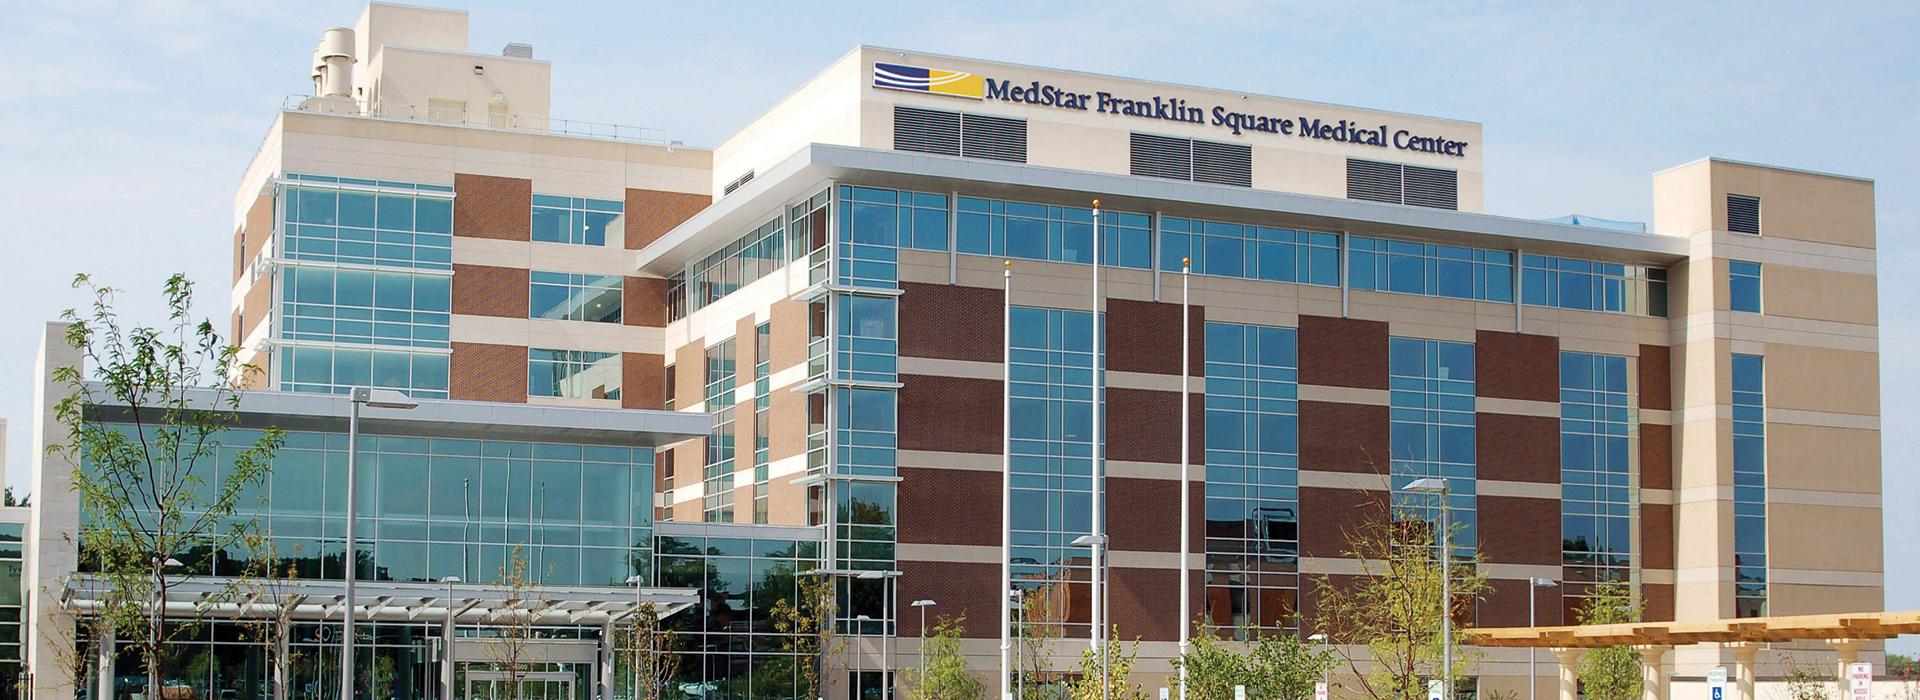 MedStar Franklin Square